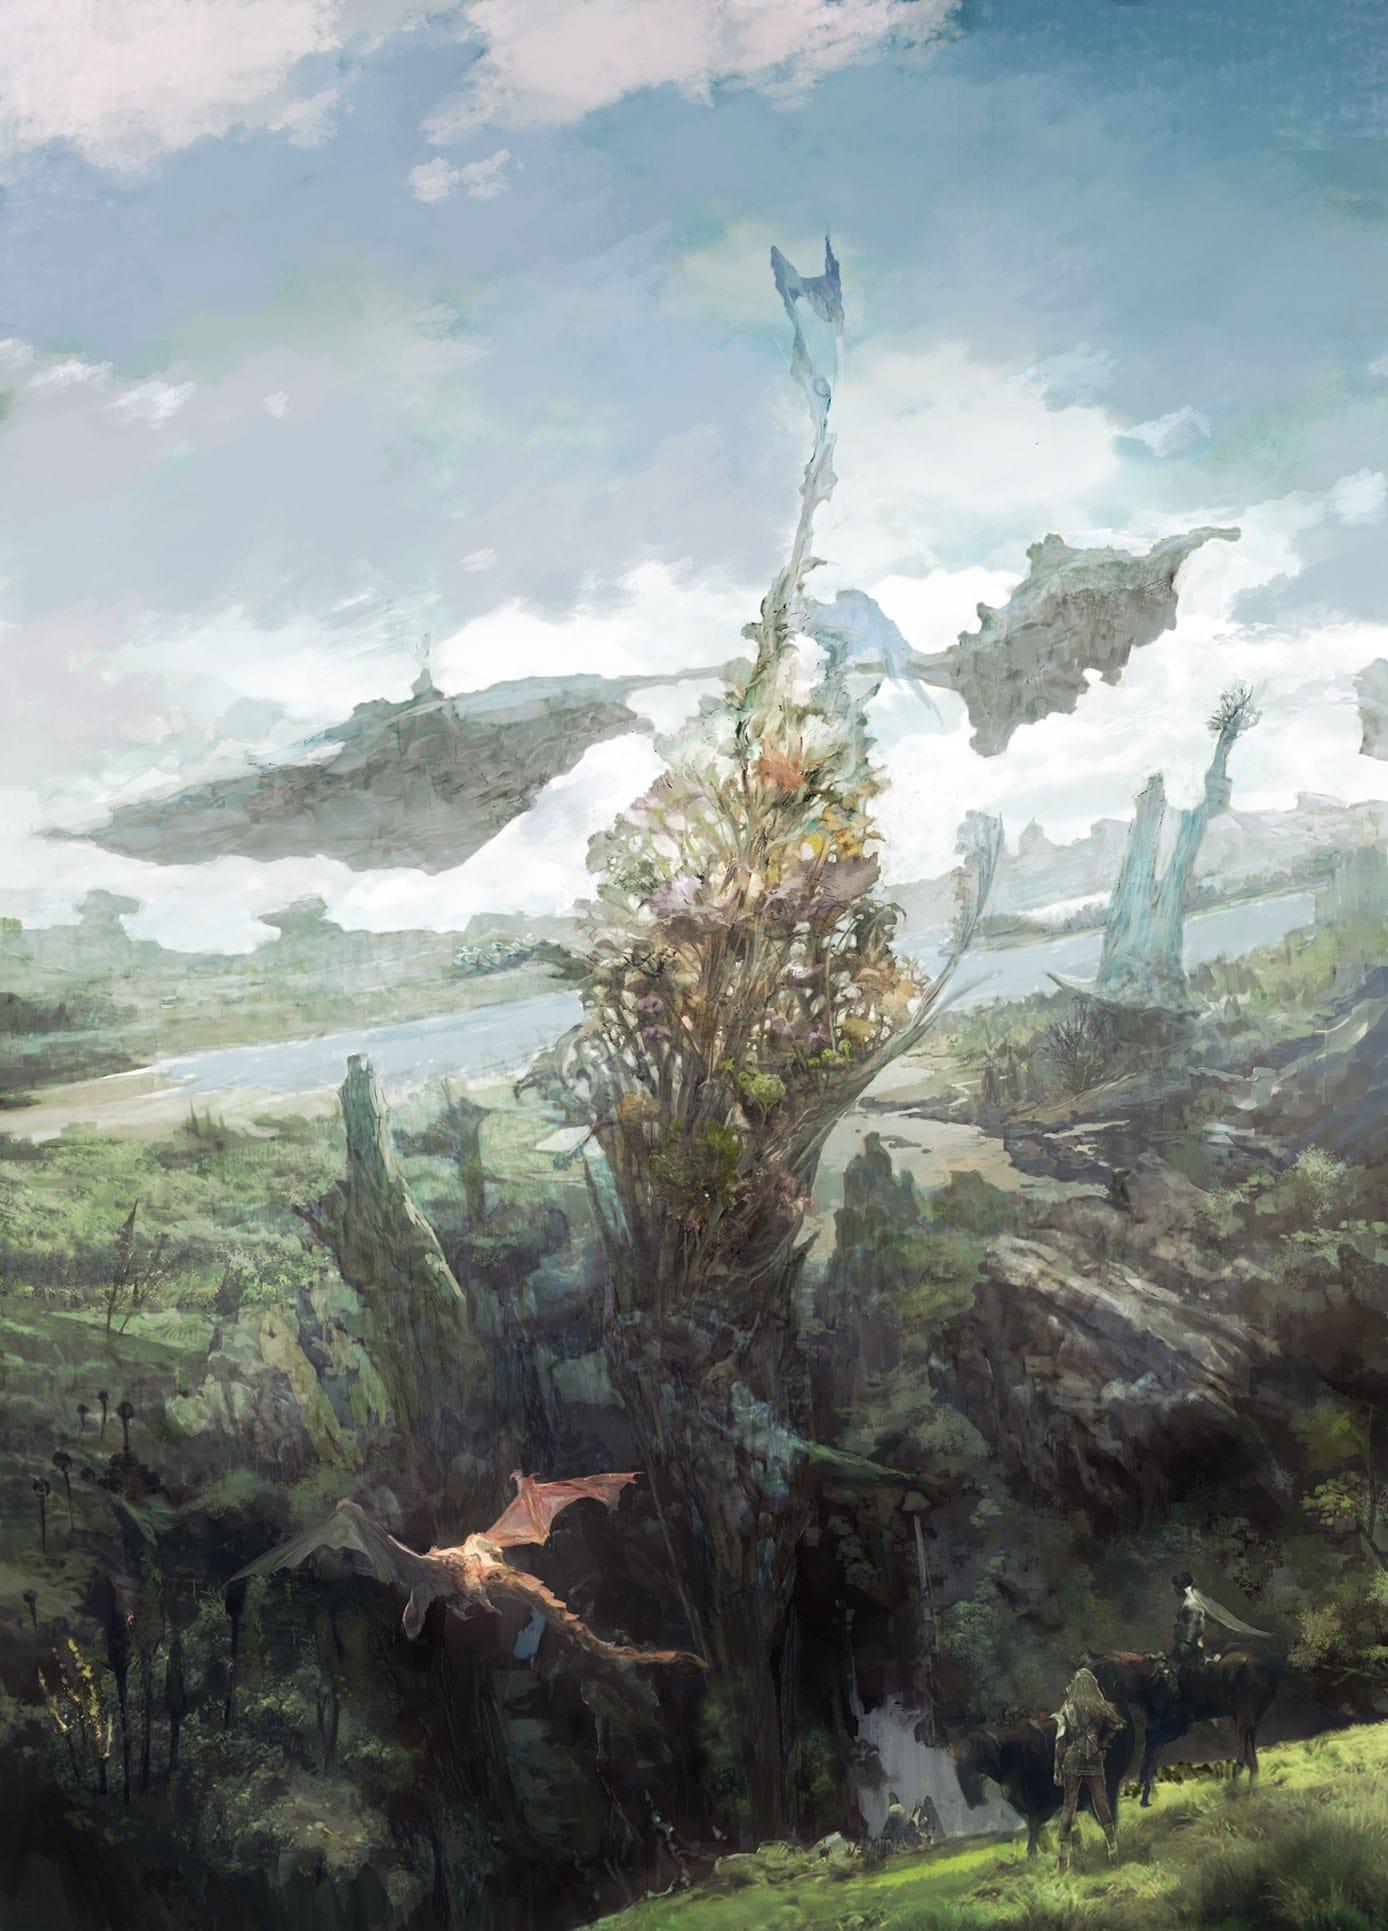 """Square Enix anuncia nuevo RPG """"Project Prelude Rune"""" dirigido por Hideo Baba"""